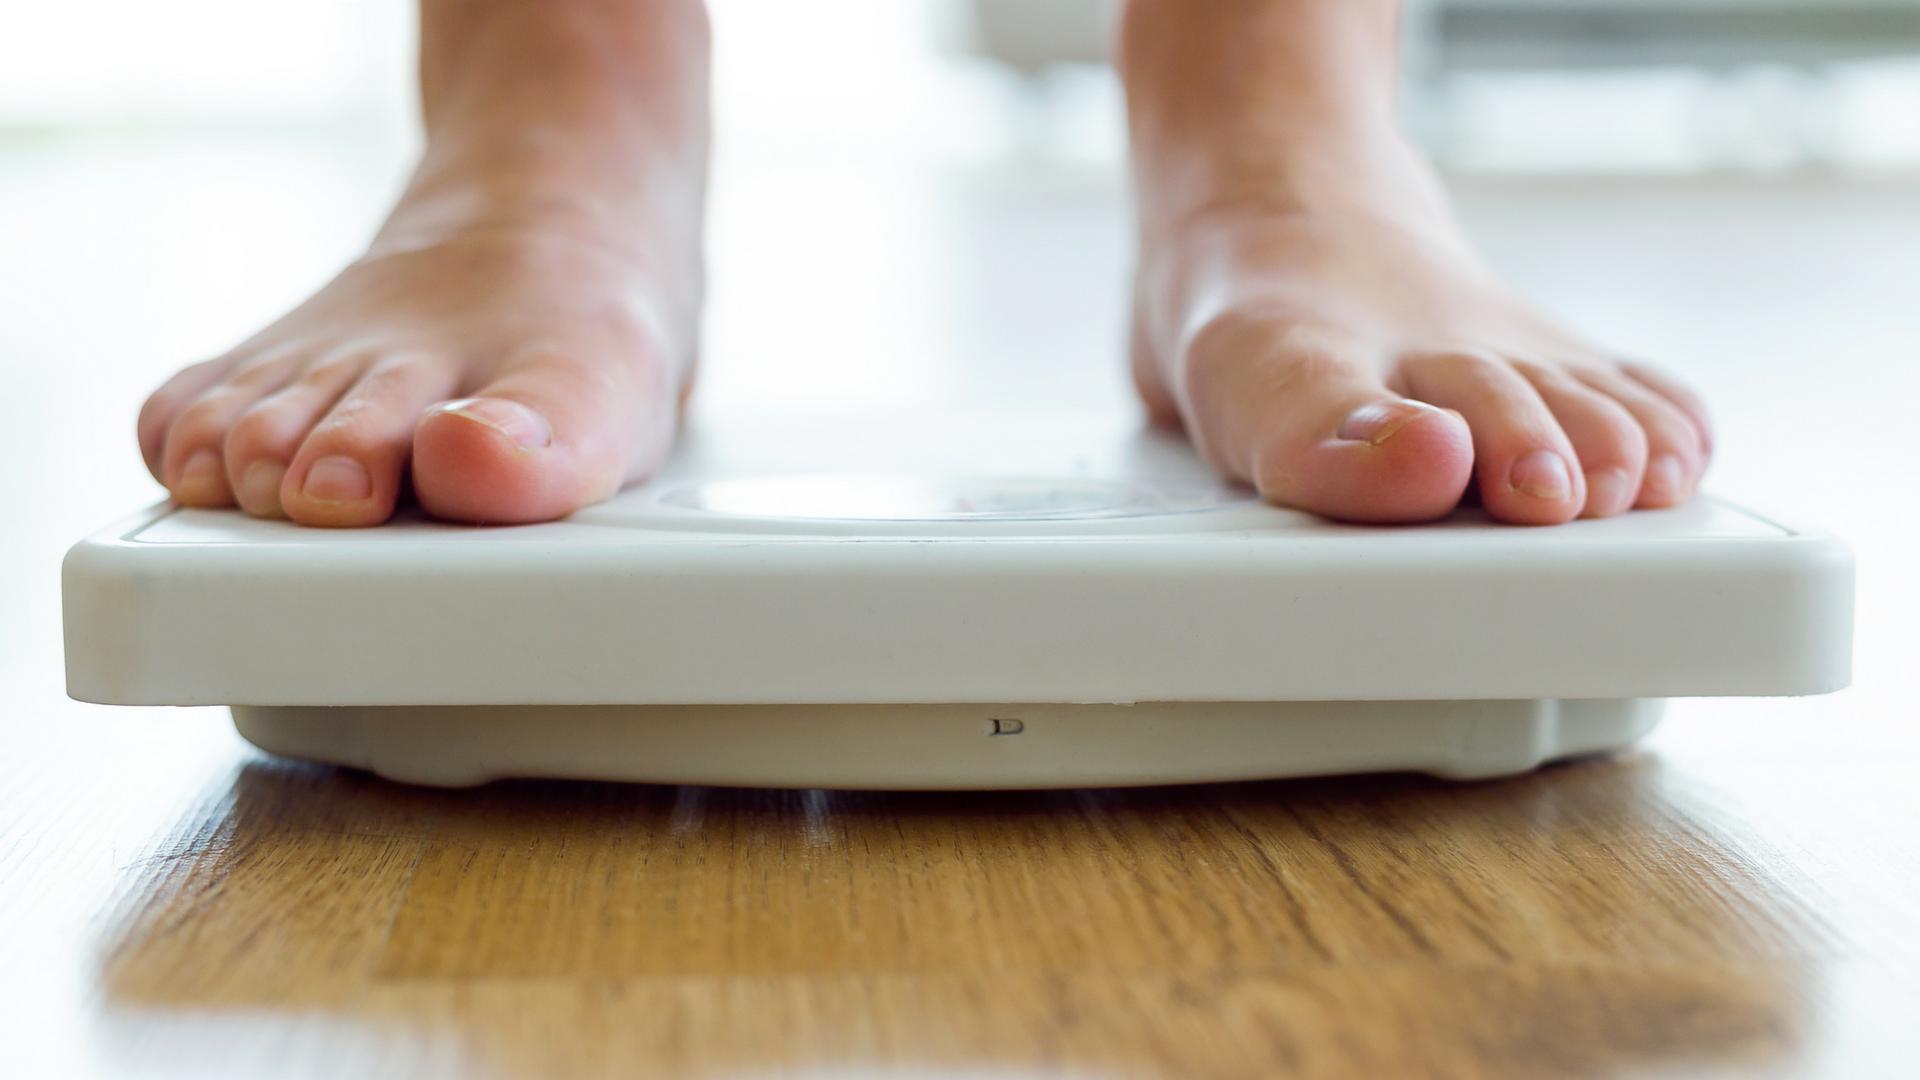 25 kg kaalulangus 6 kuu jooksul kaotus palju kaalu